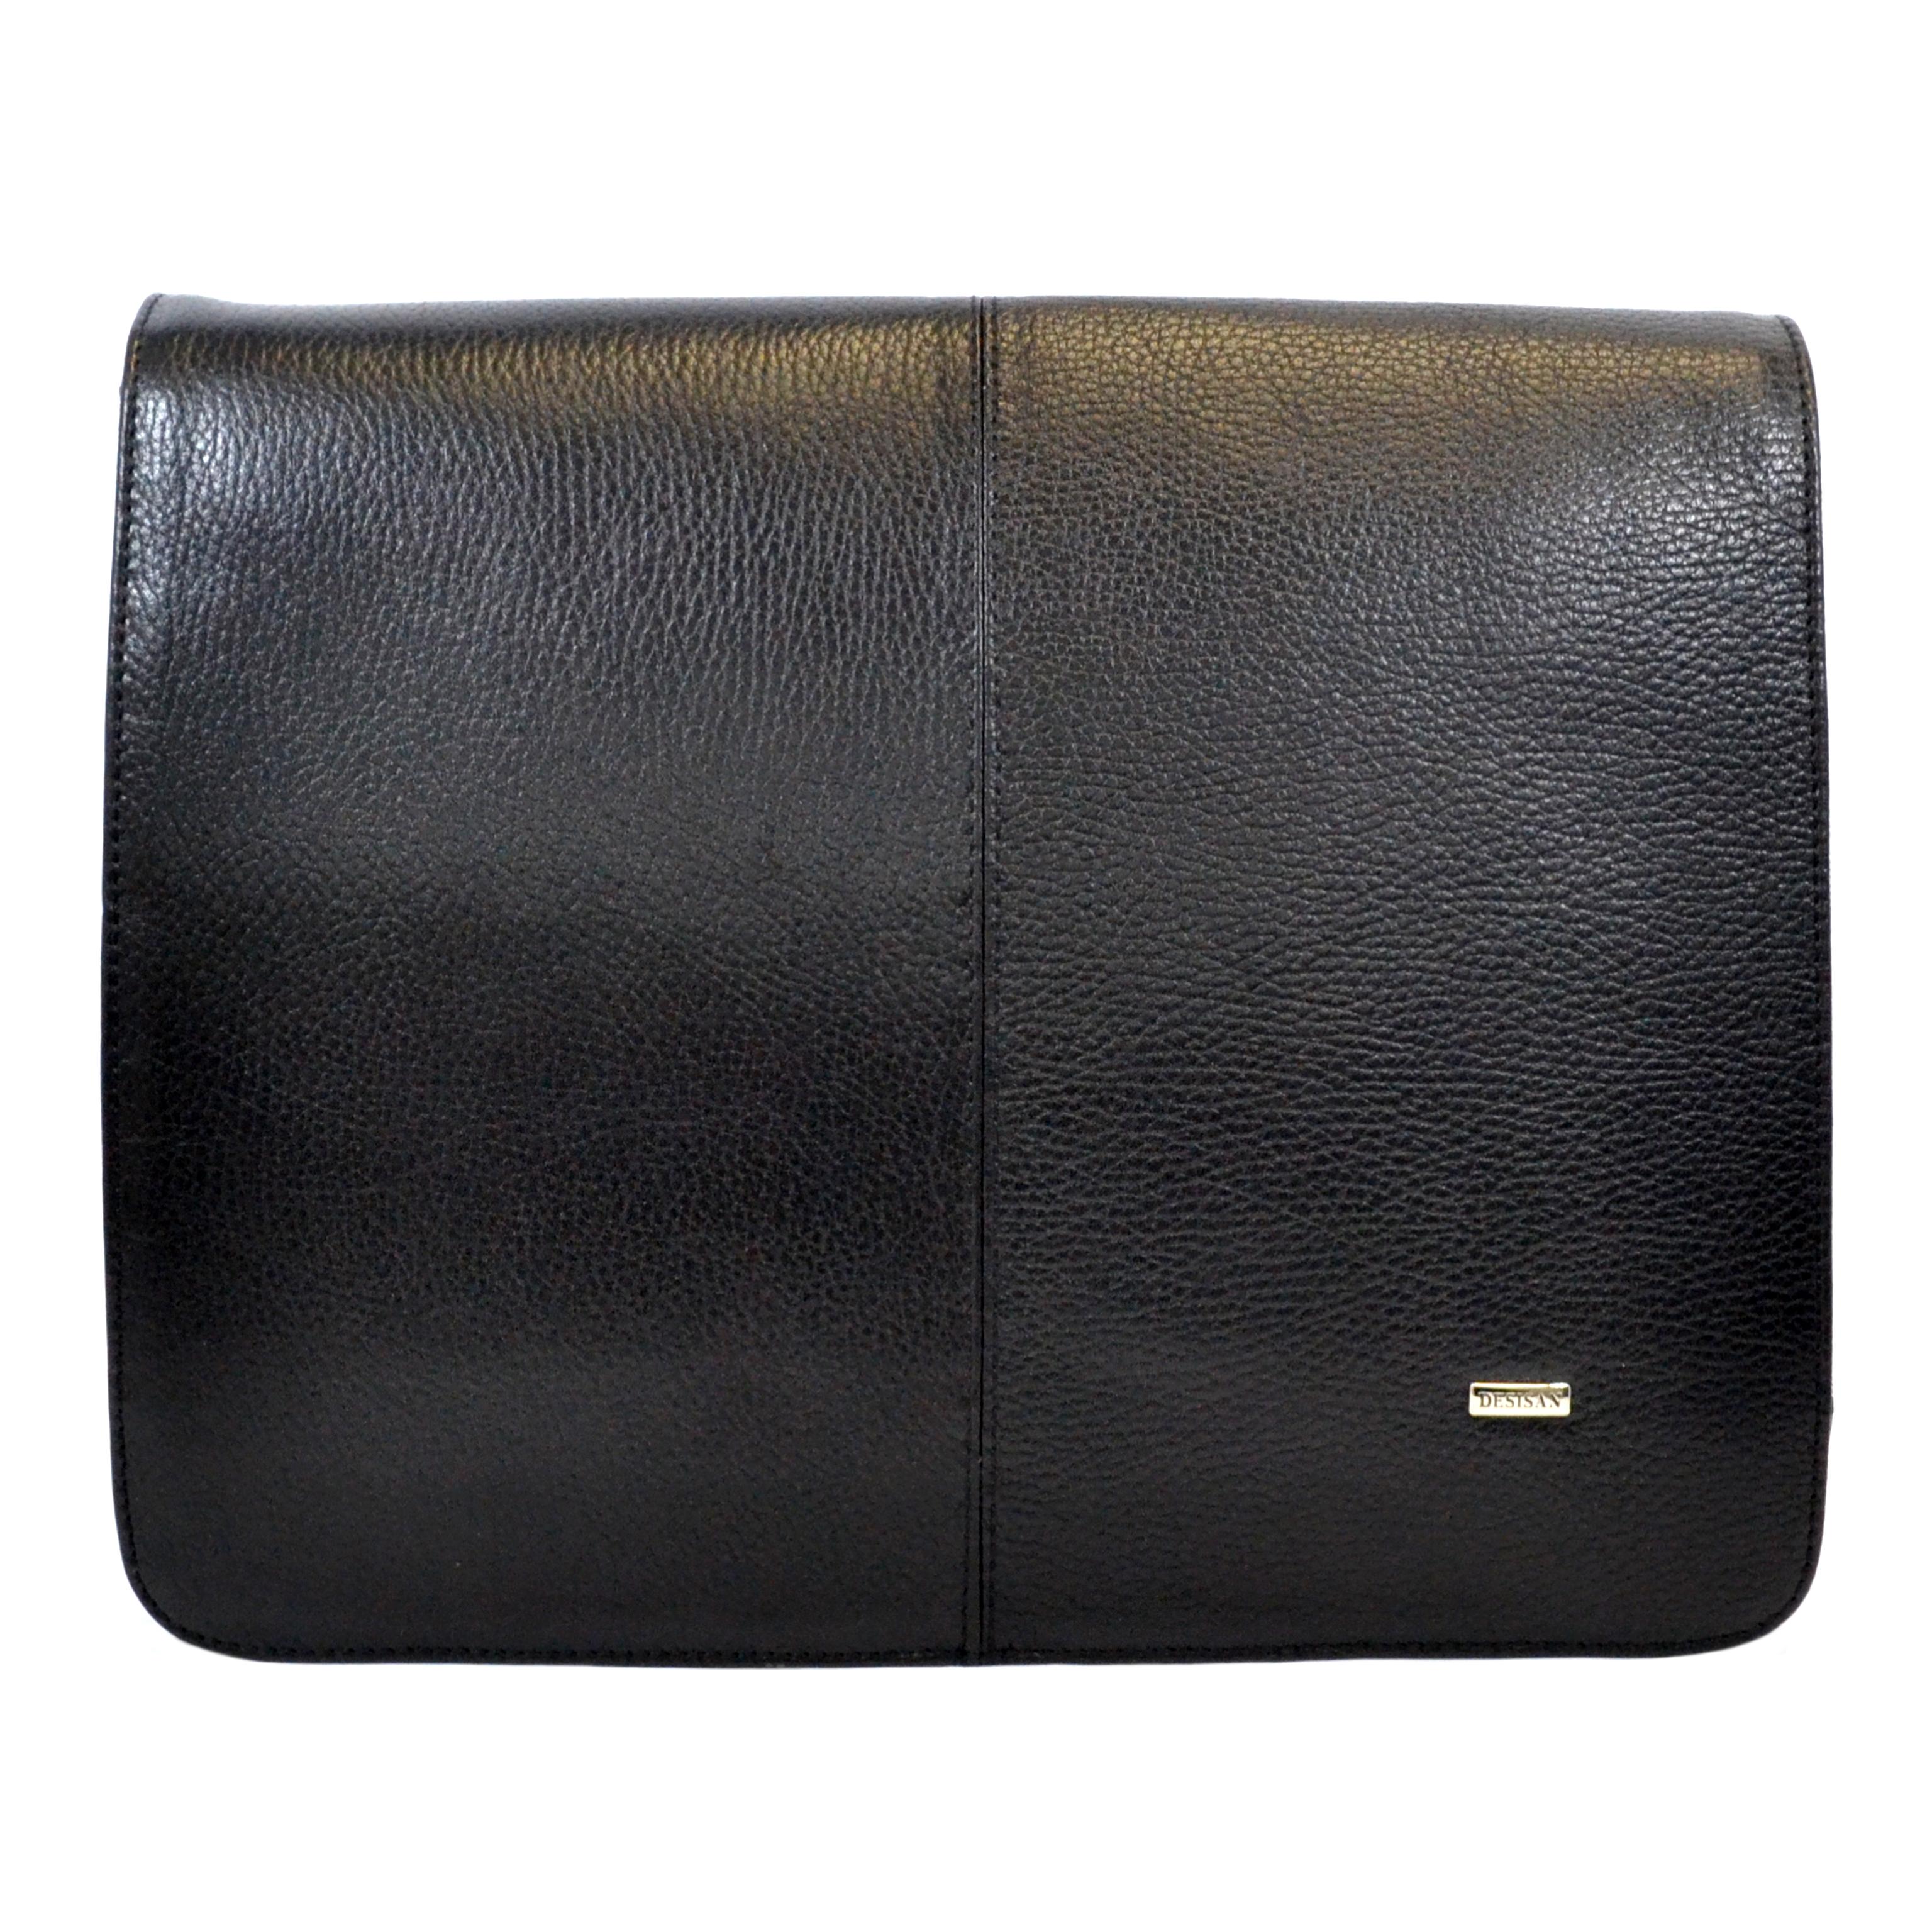 3eb3805abf7b Деловые портфели Desisan - купить в интернет-магазине > все цены ...